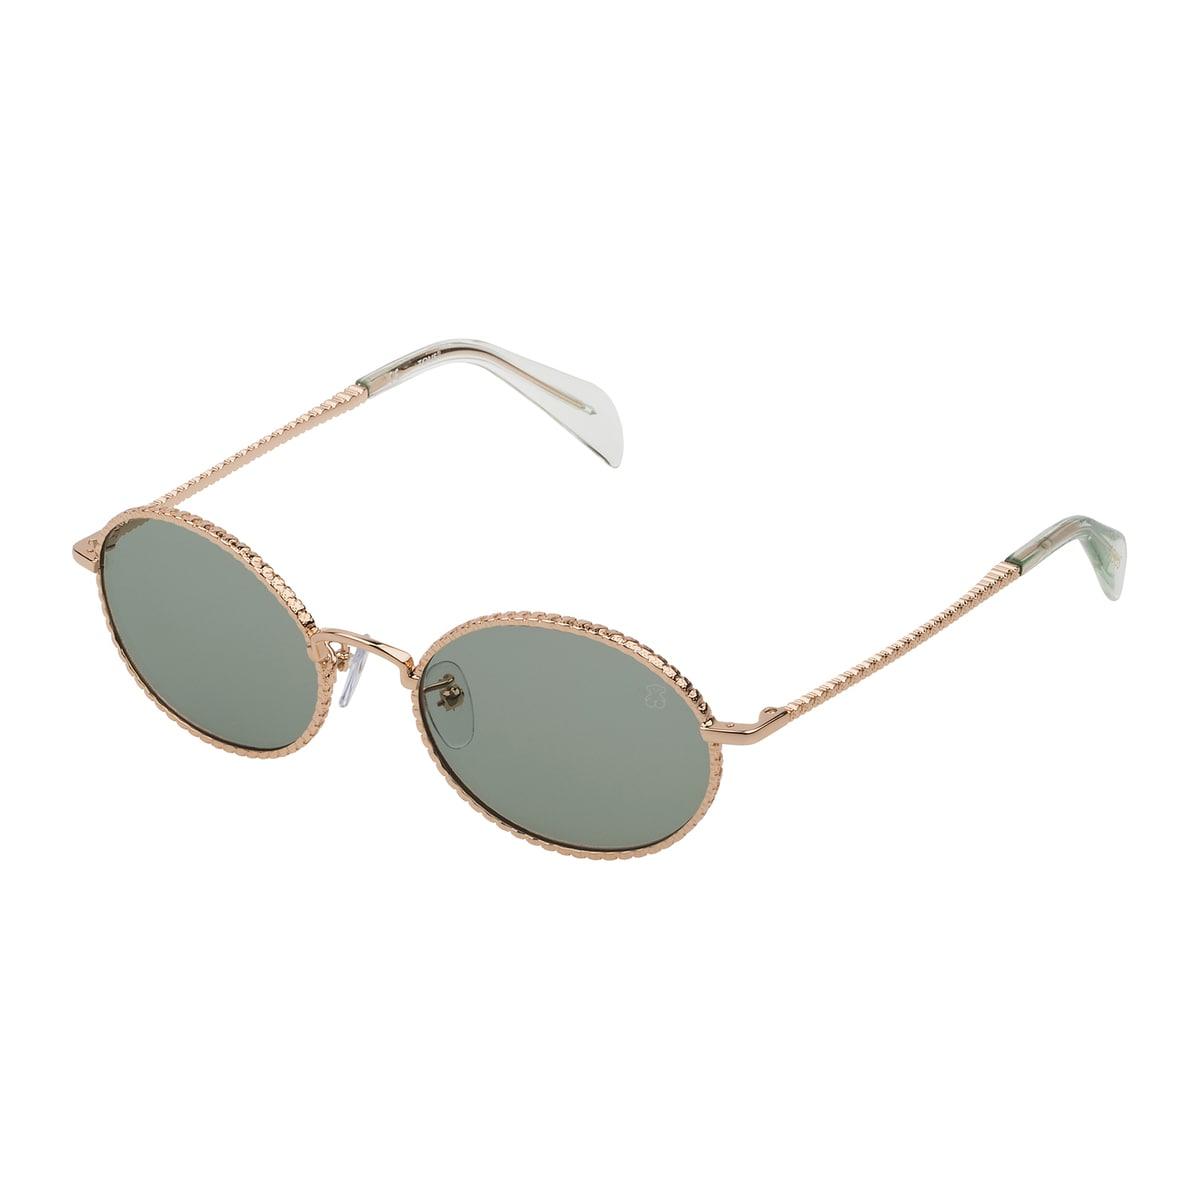 Γυαλιά ηλίου Oso Straight από Μέταλλο σε Χρυσό Χρώμα